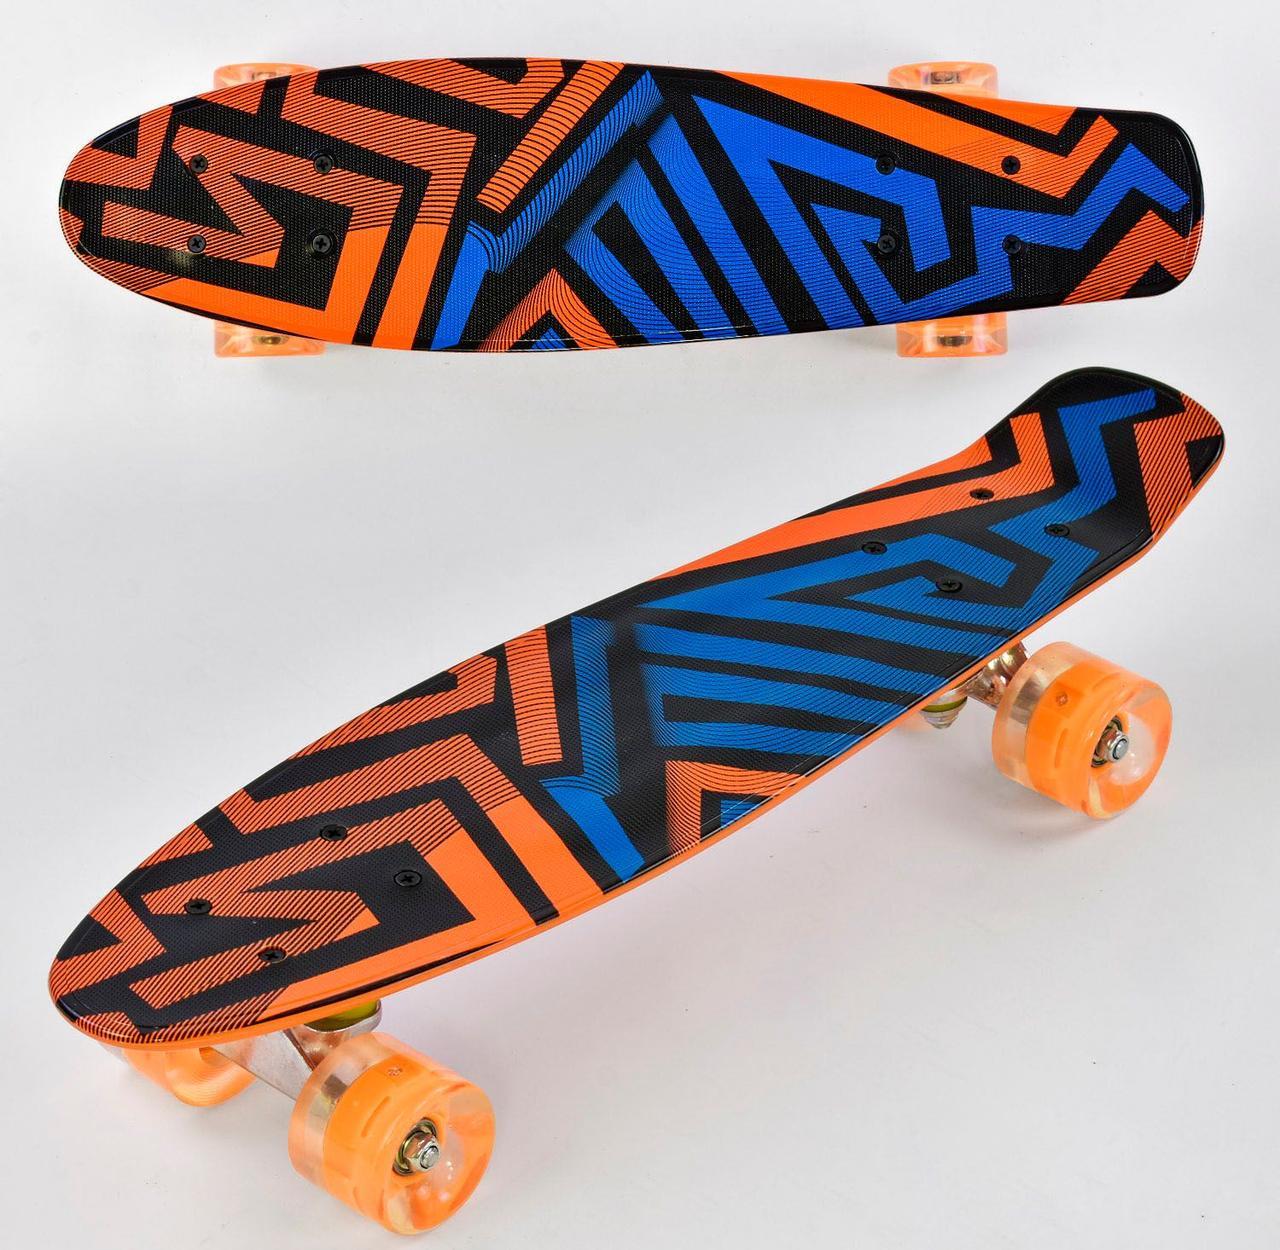 Скейт Penny board F 7620 Оранжевый 74545